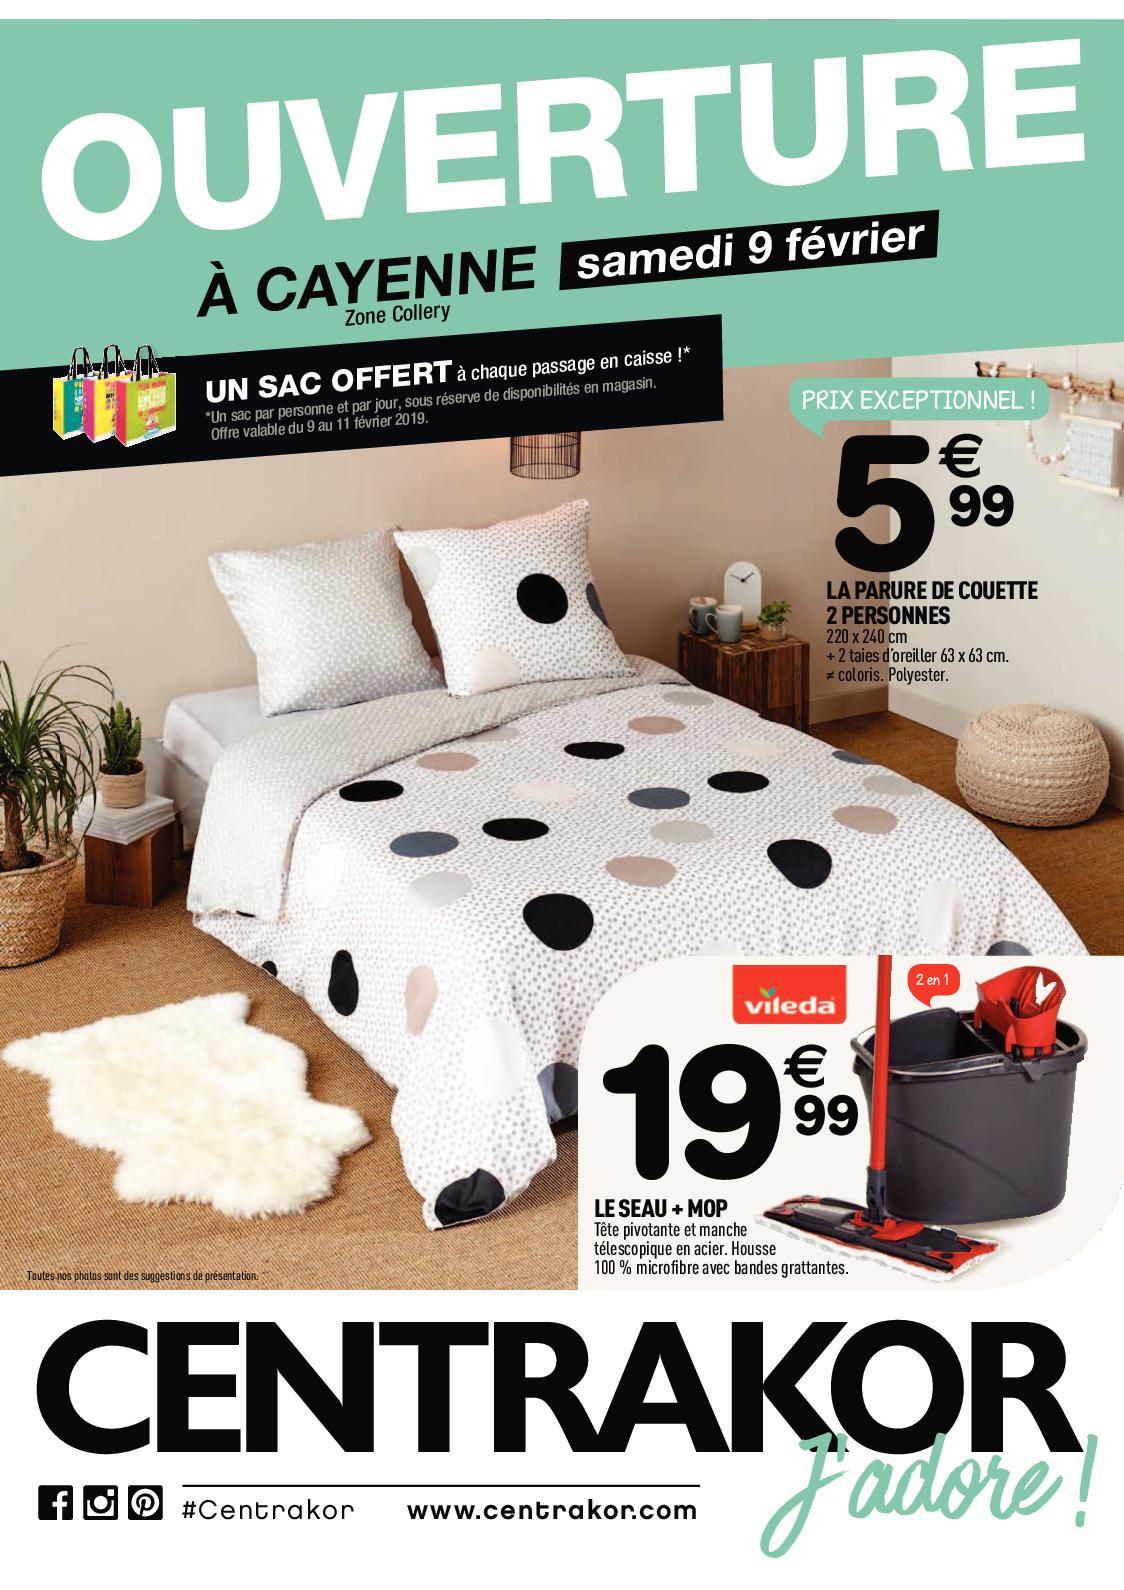 Calaméo - Catalogue Centrakor - Ouverture - Édition Guyane intérieur Rideau De Porte Centrakor